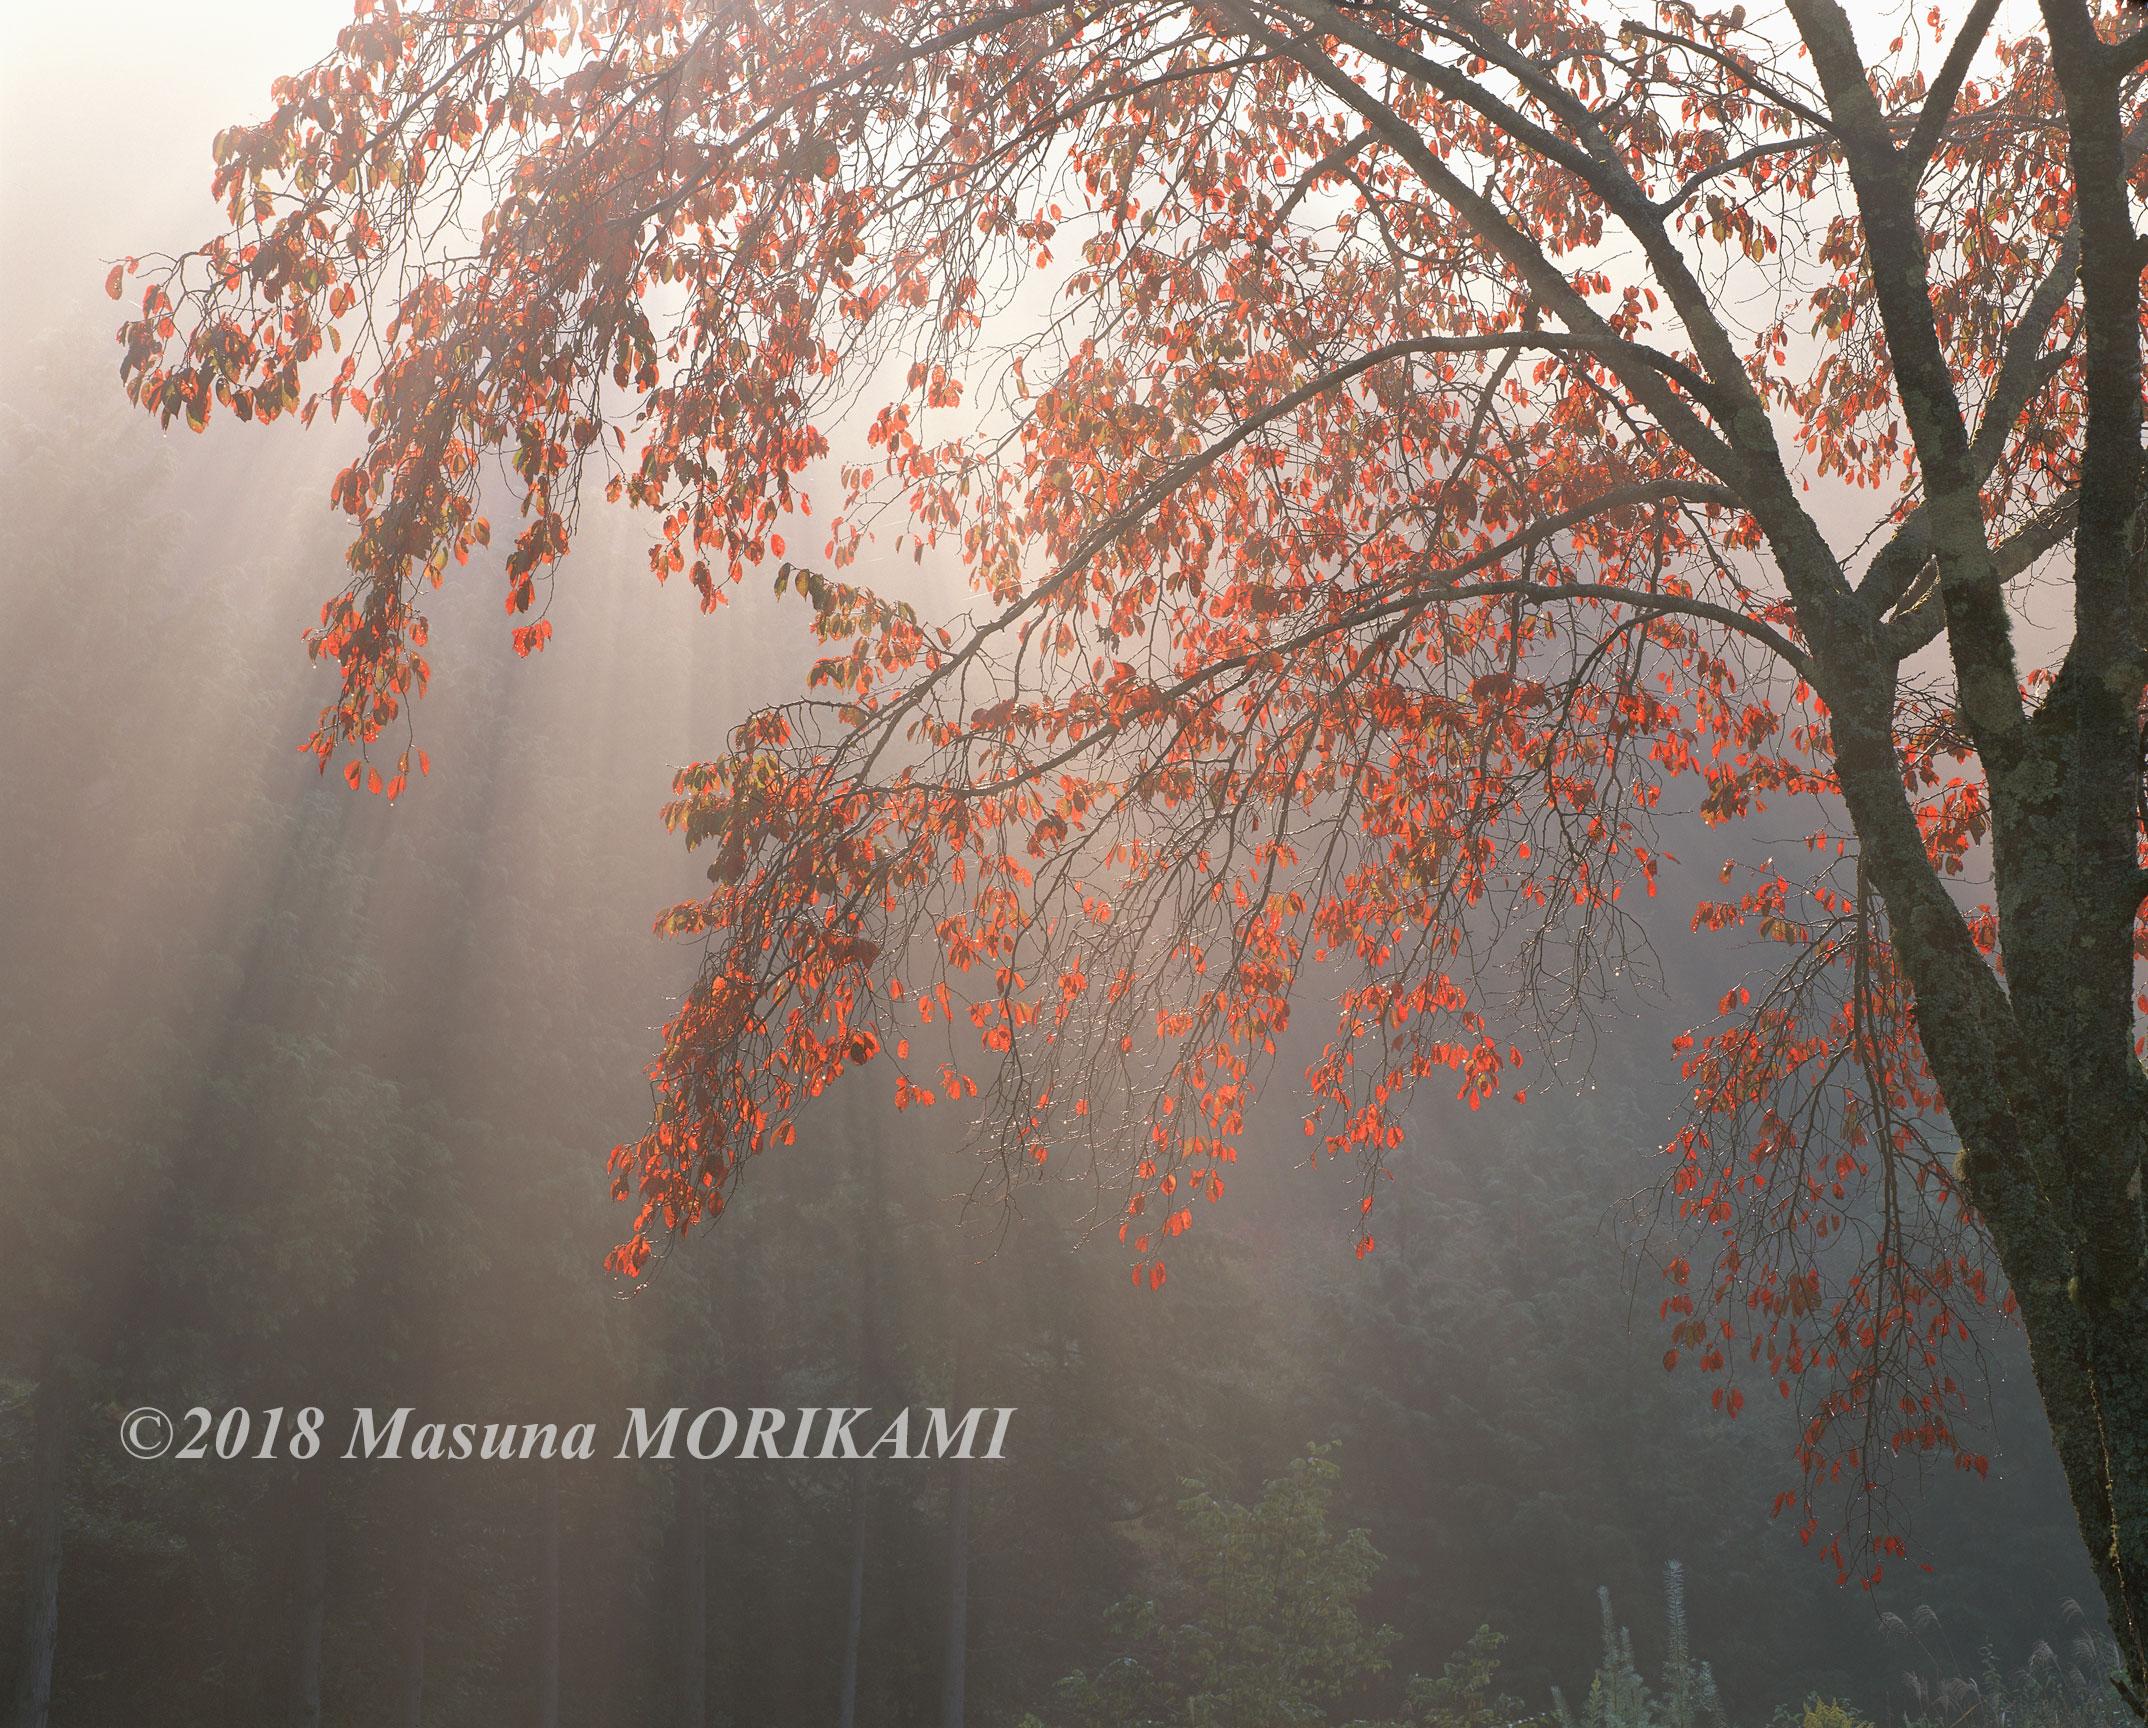 16 束の間の舞台/長野県売木村/2009.10.18 7:30